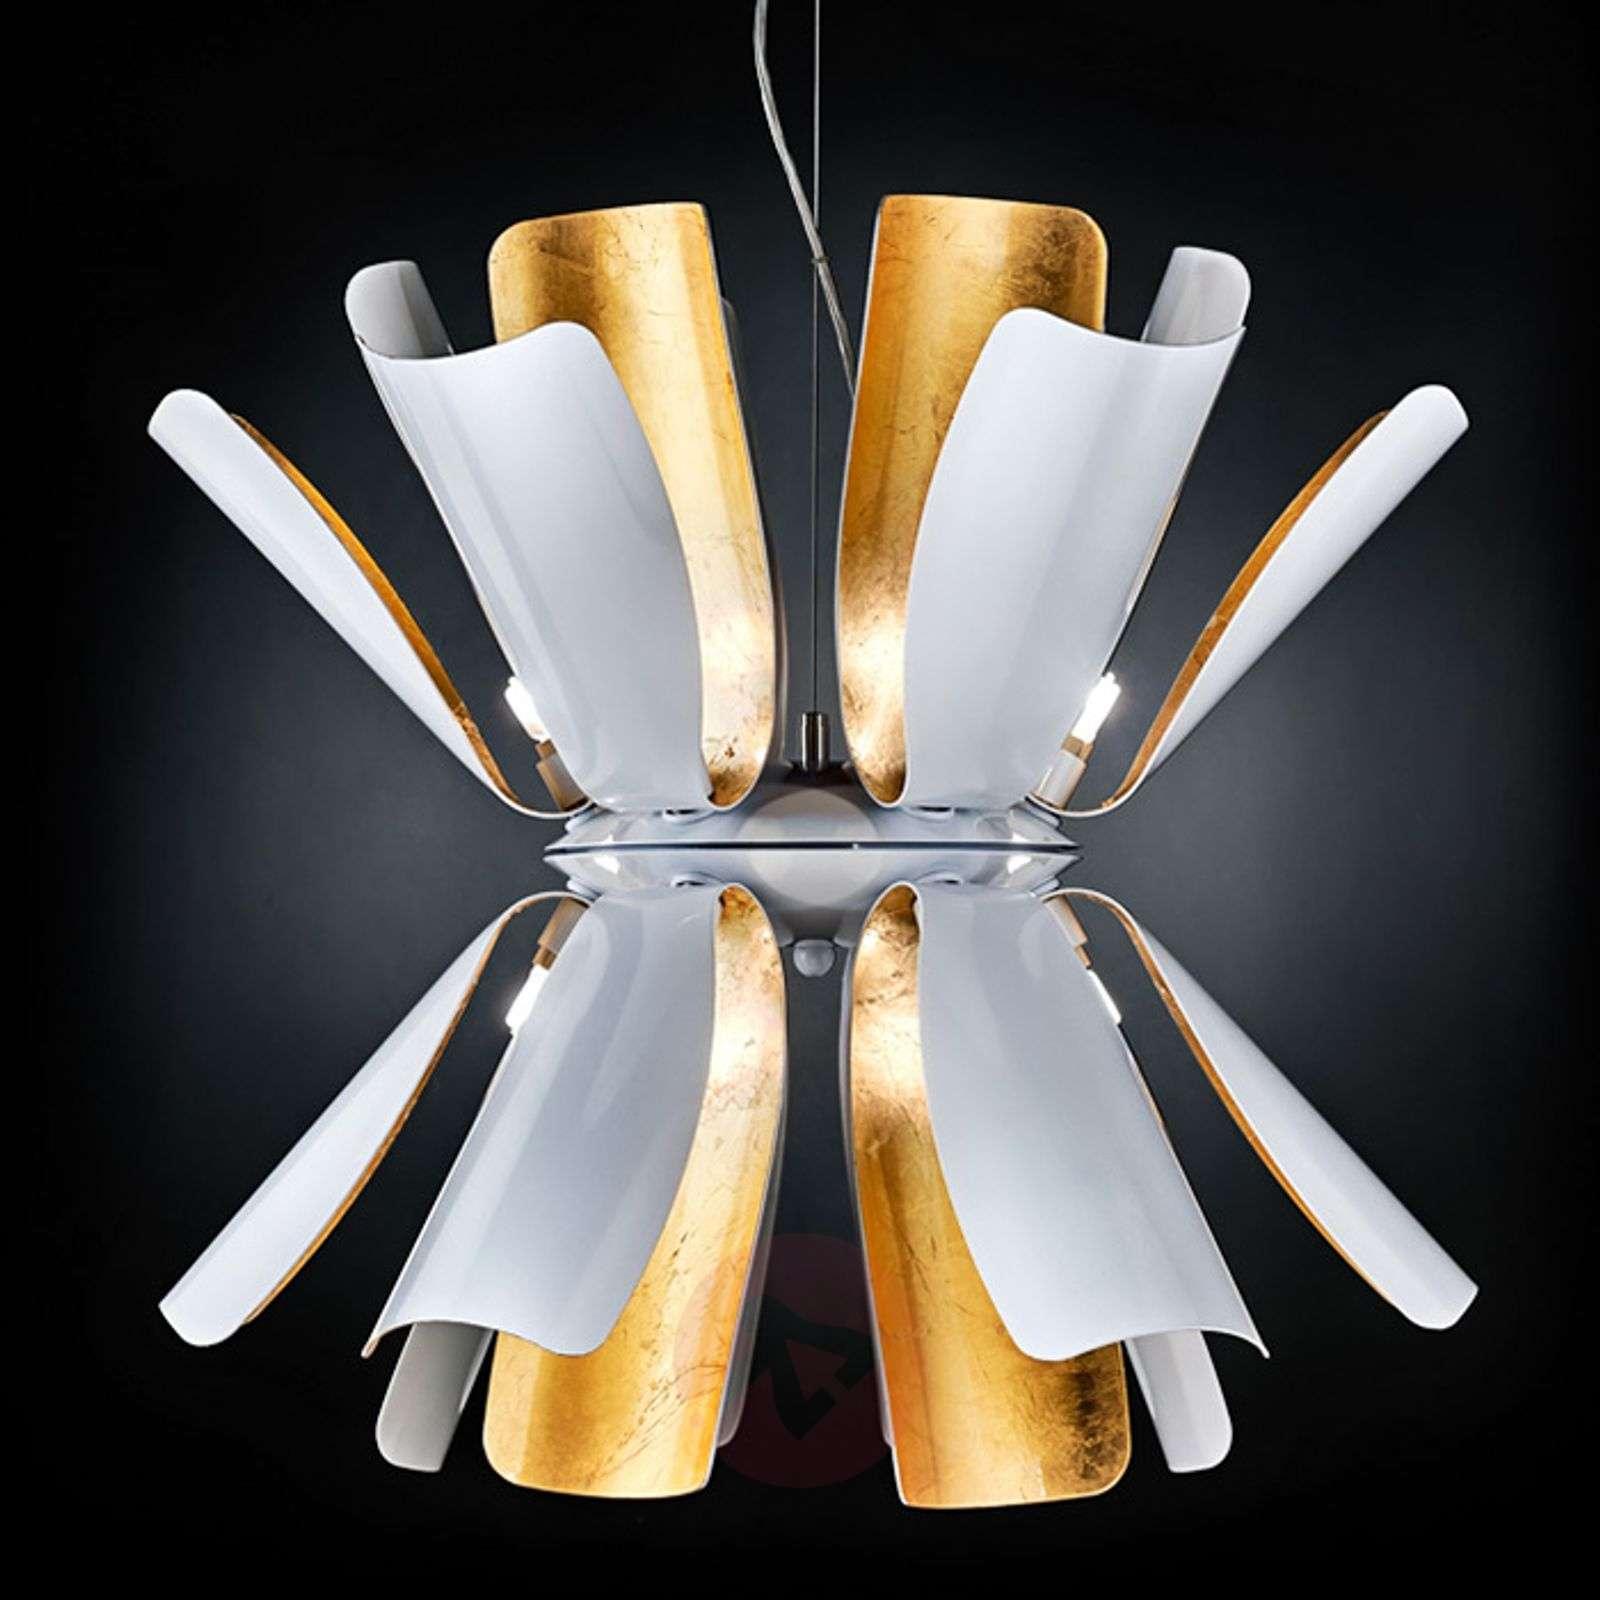 Designer hanging light Tropic with gold leaf-6511153-01